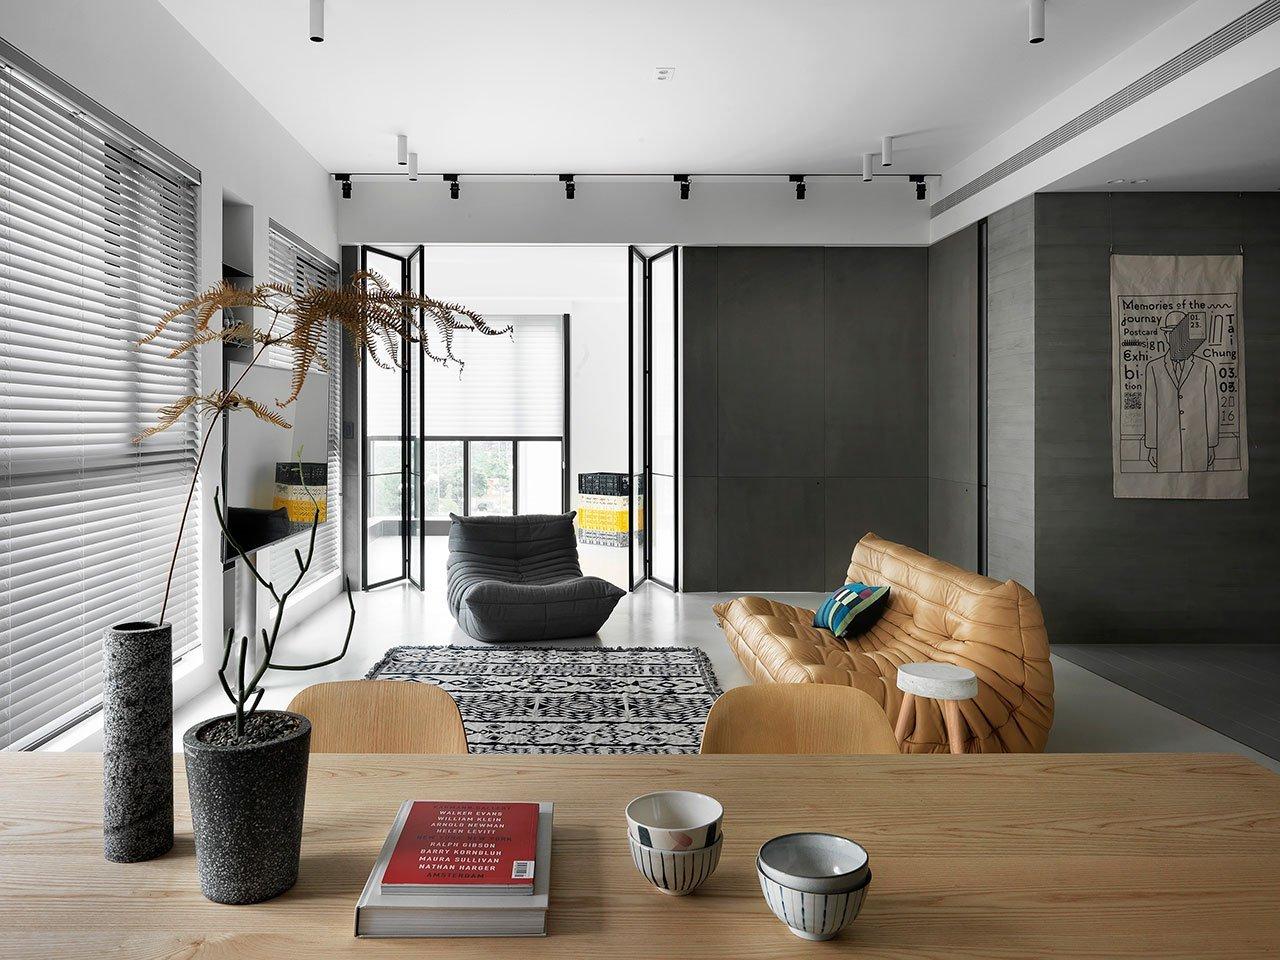 现代简约风格的家居设计独特的生活方式和审美